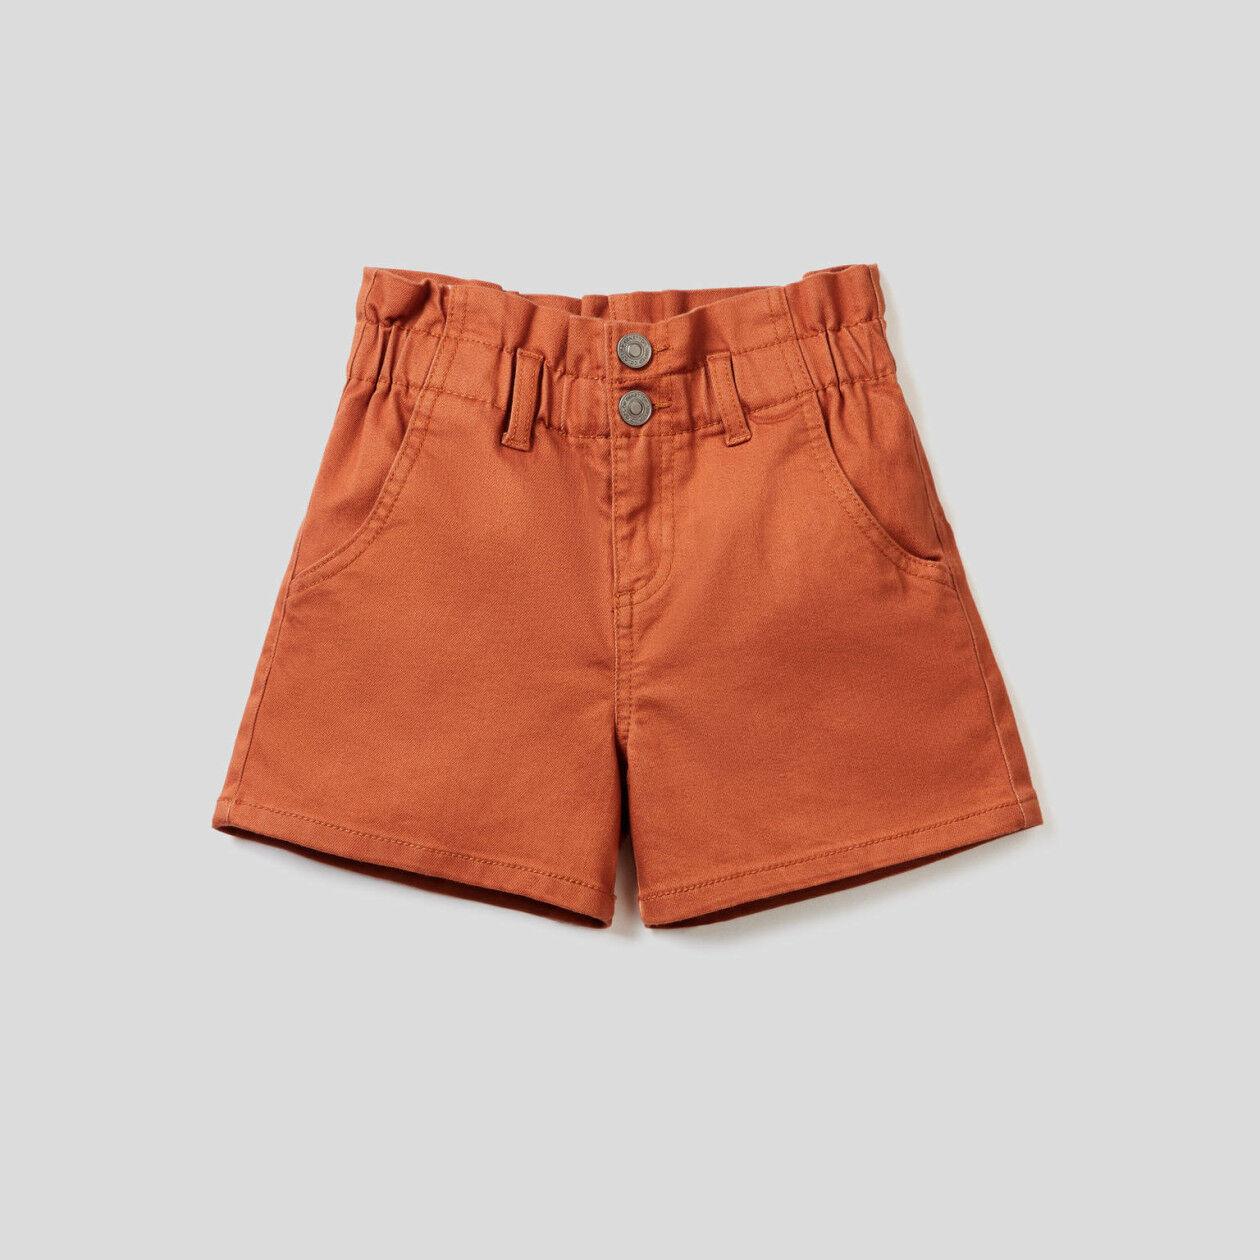 Shorts paperbag in denim color stretch